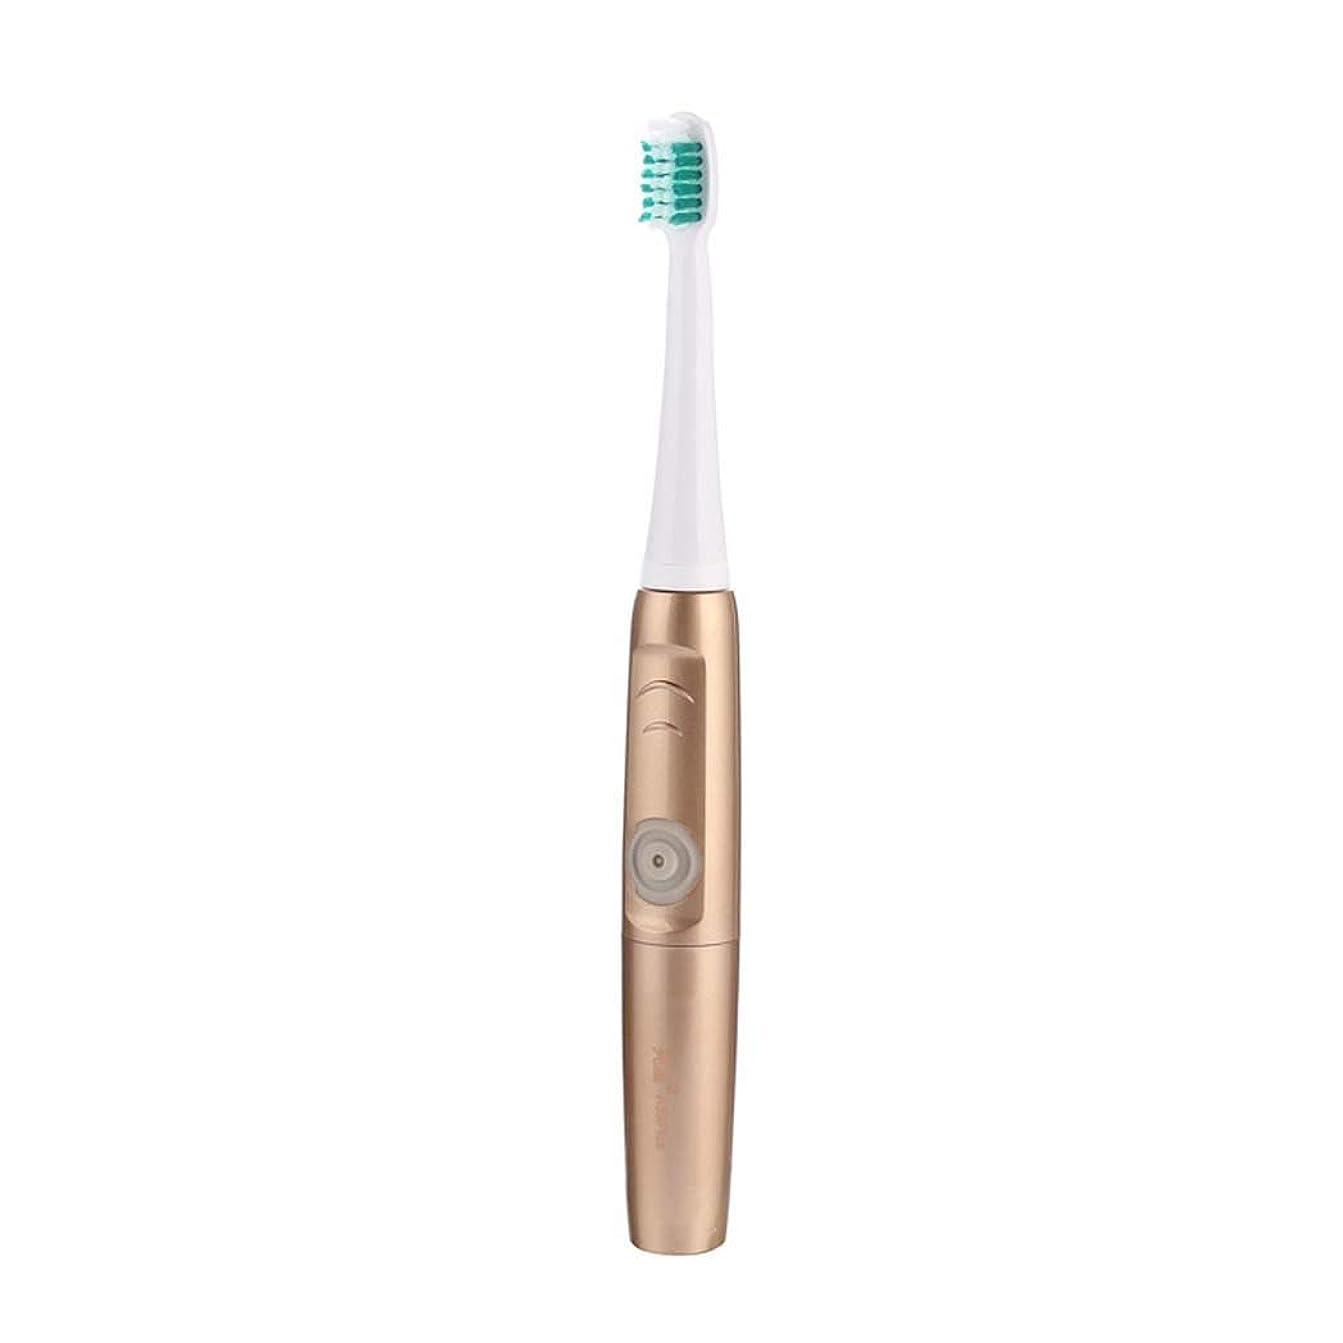 予備ヘビー控える電動歯ブラシ、充電式ポータブル歯ブラシ、超音波電動防水歯ブラシ、誘導充電、3個の交換用ヘッド付き